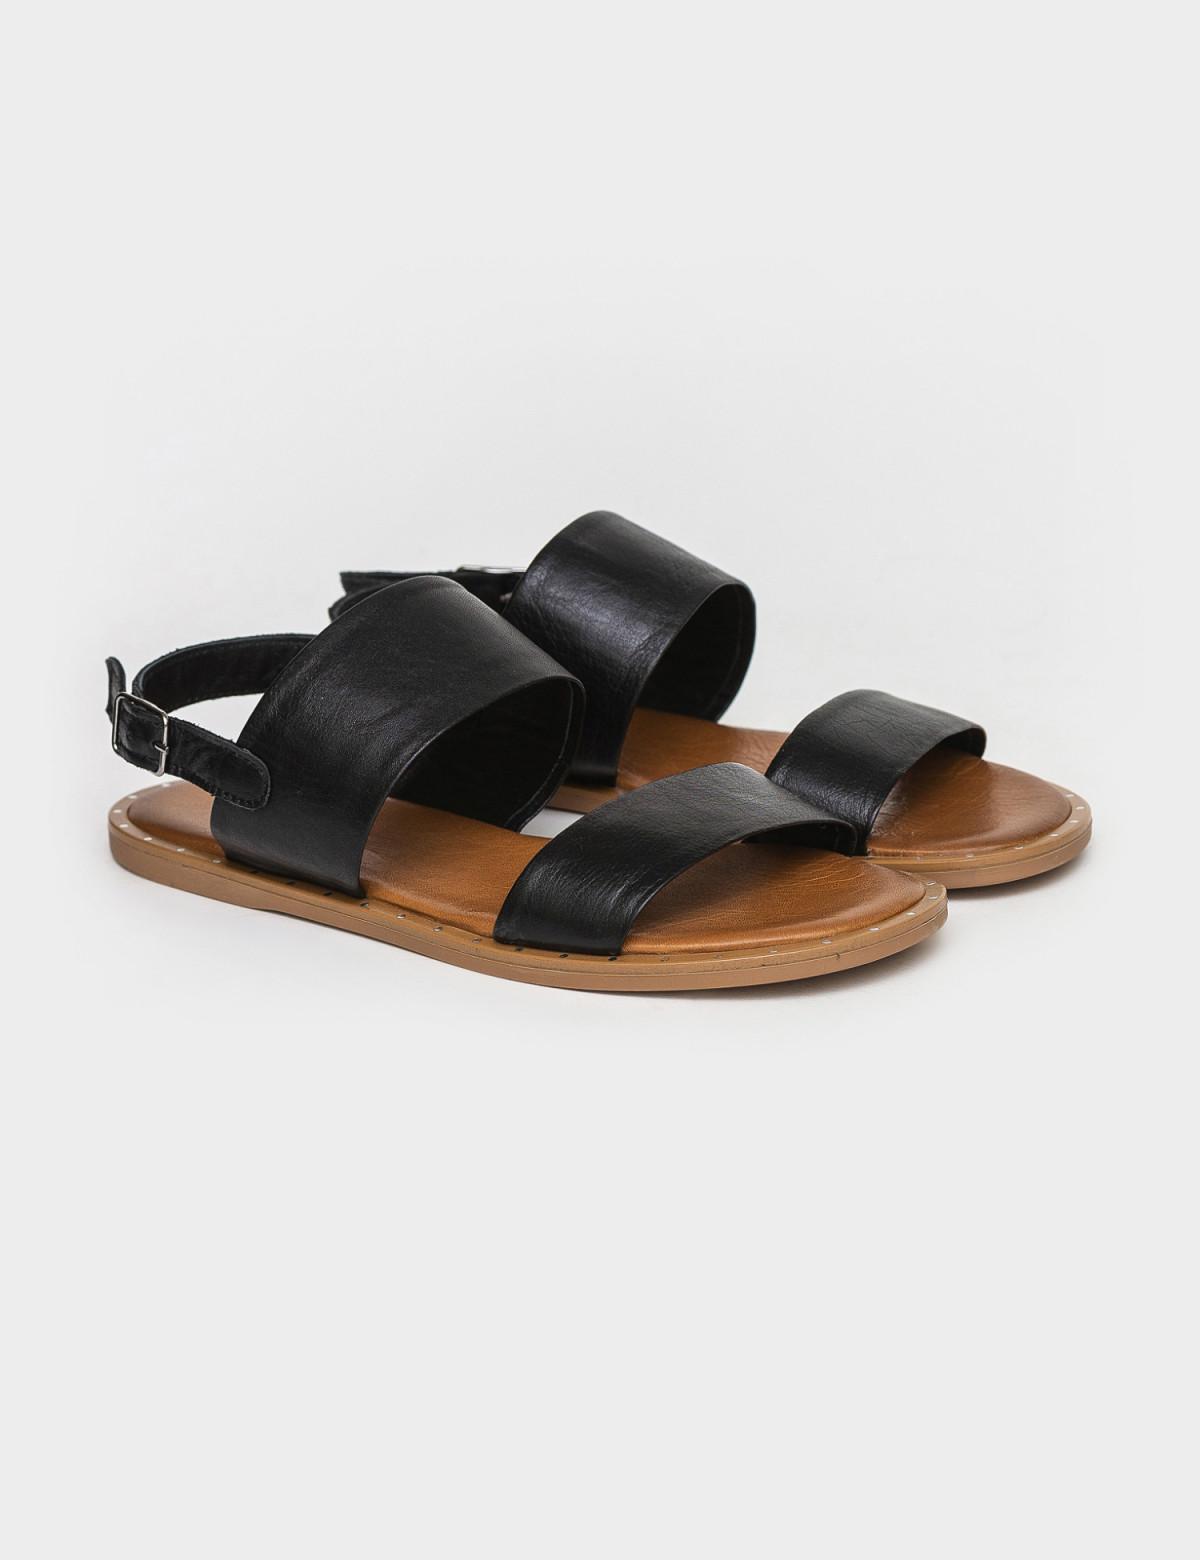 Сандали черные, натуральная кожа1